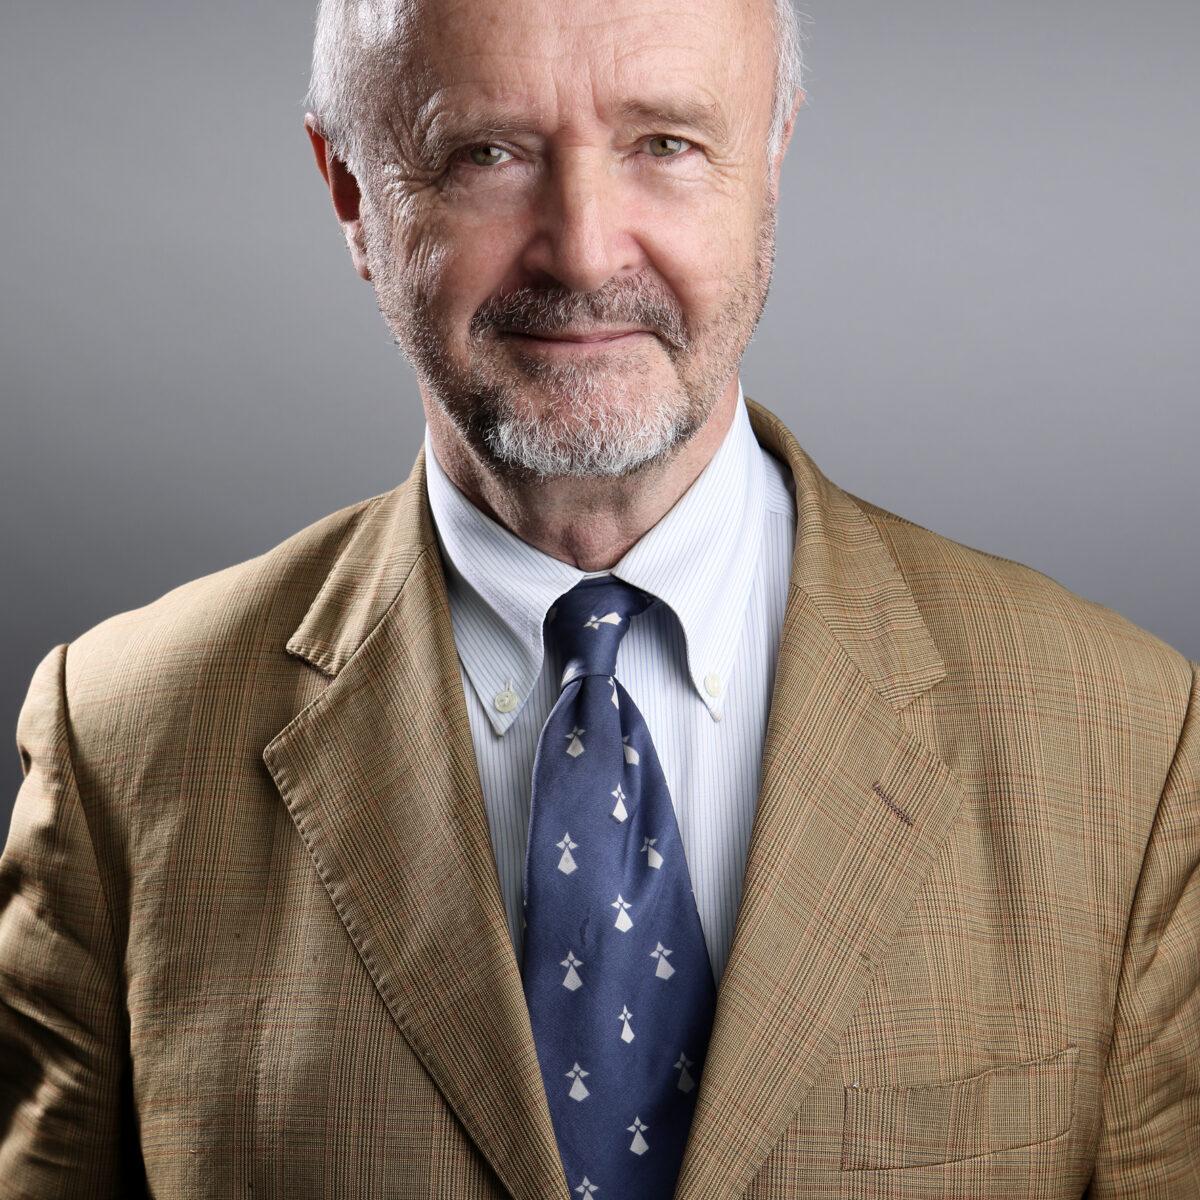 Brice Lalonde, ancien ministre de l'Environnement : « la jeunesse a commencé à agir car elle est convaincue de l'imminence du changement climatique et de sa gravité »